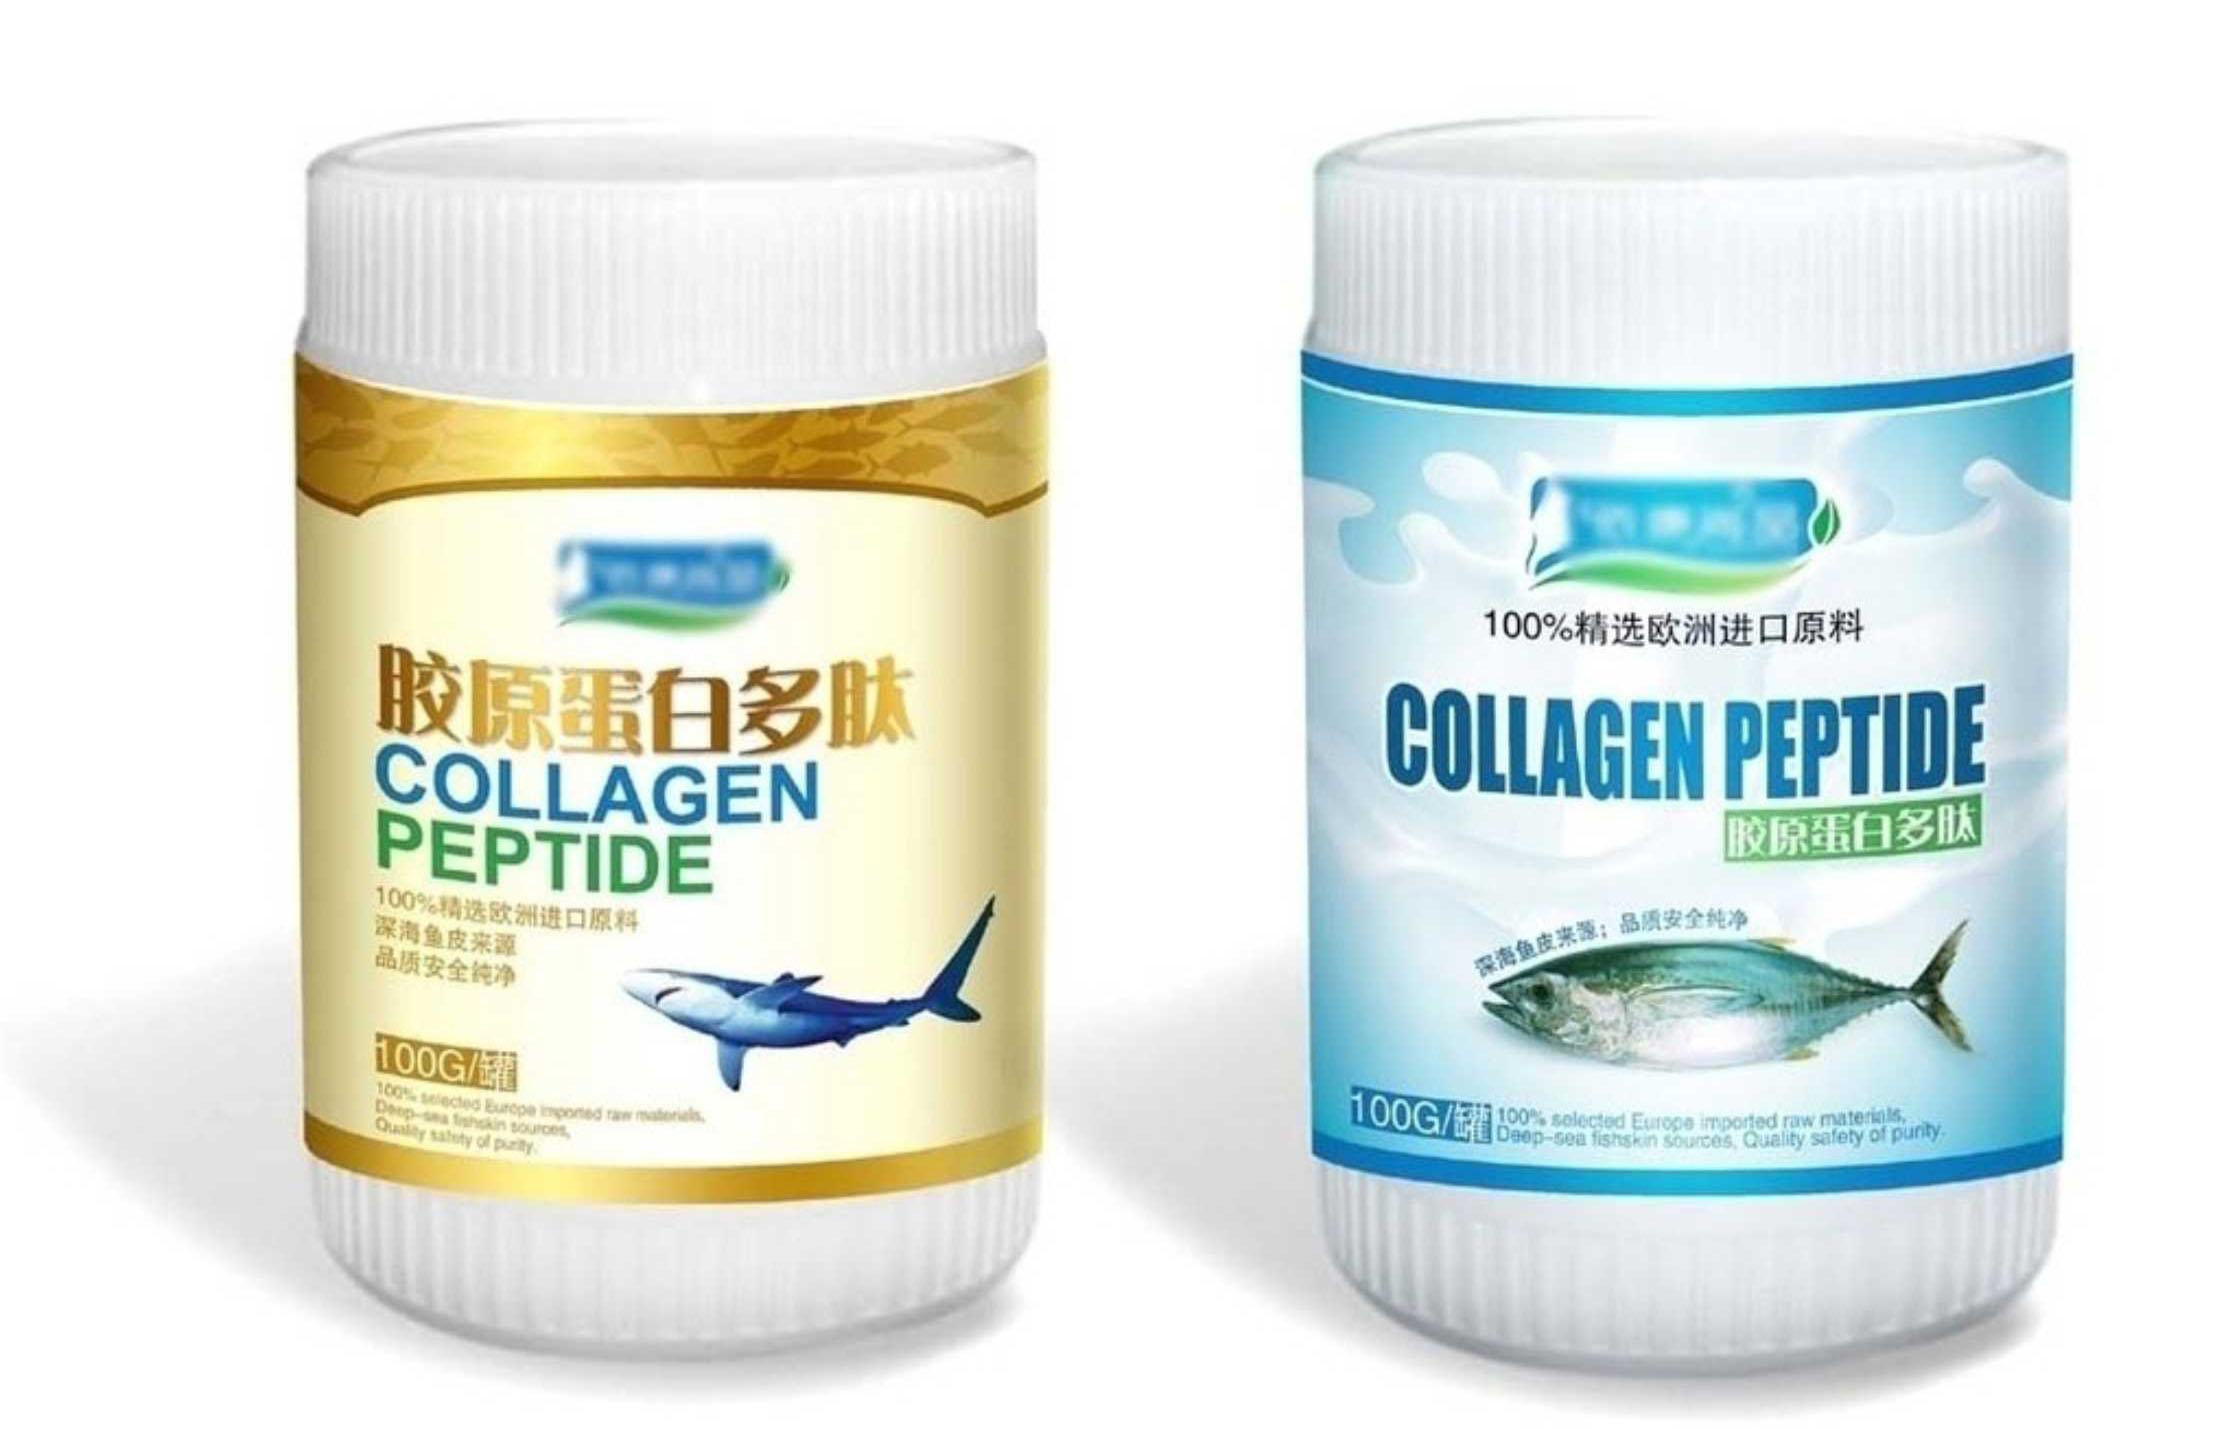 品牌设计公司 广州品牌设计 广州品牌策划设计公司